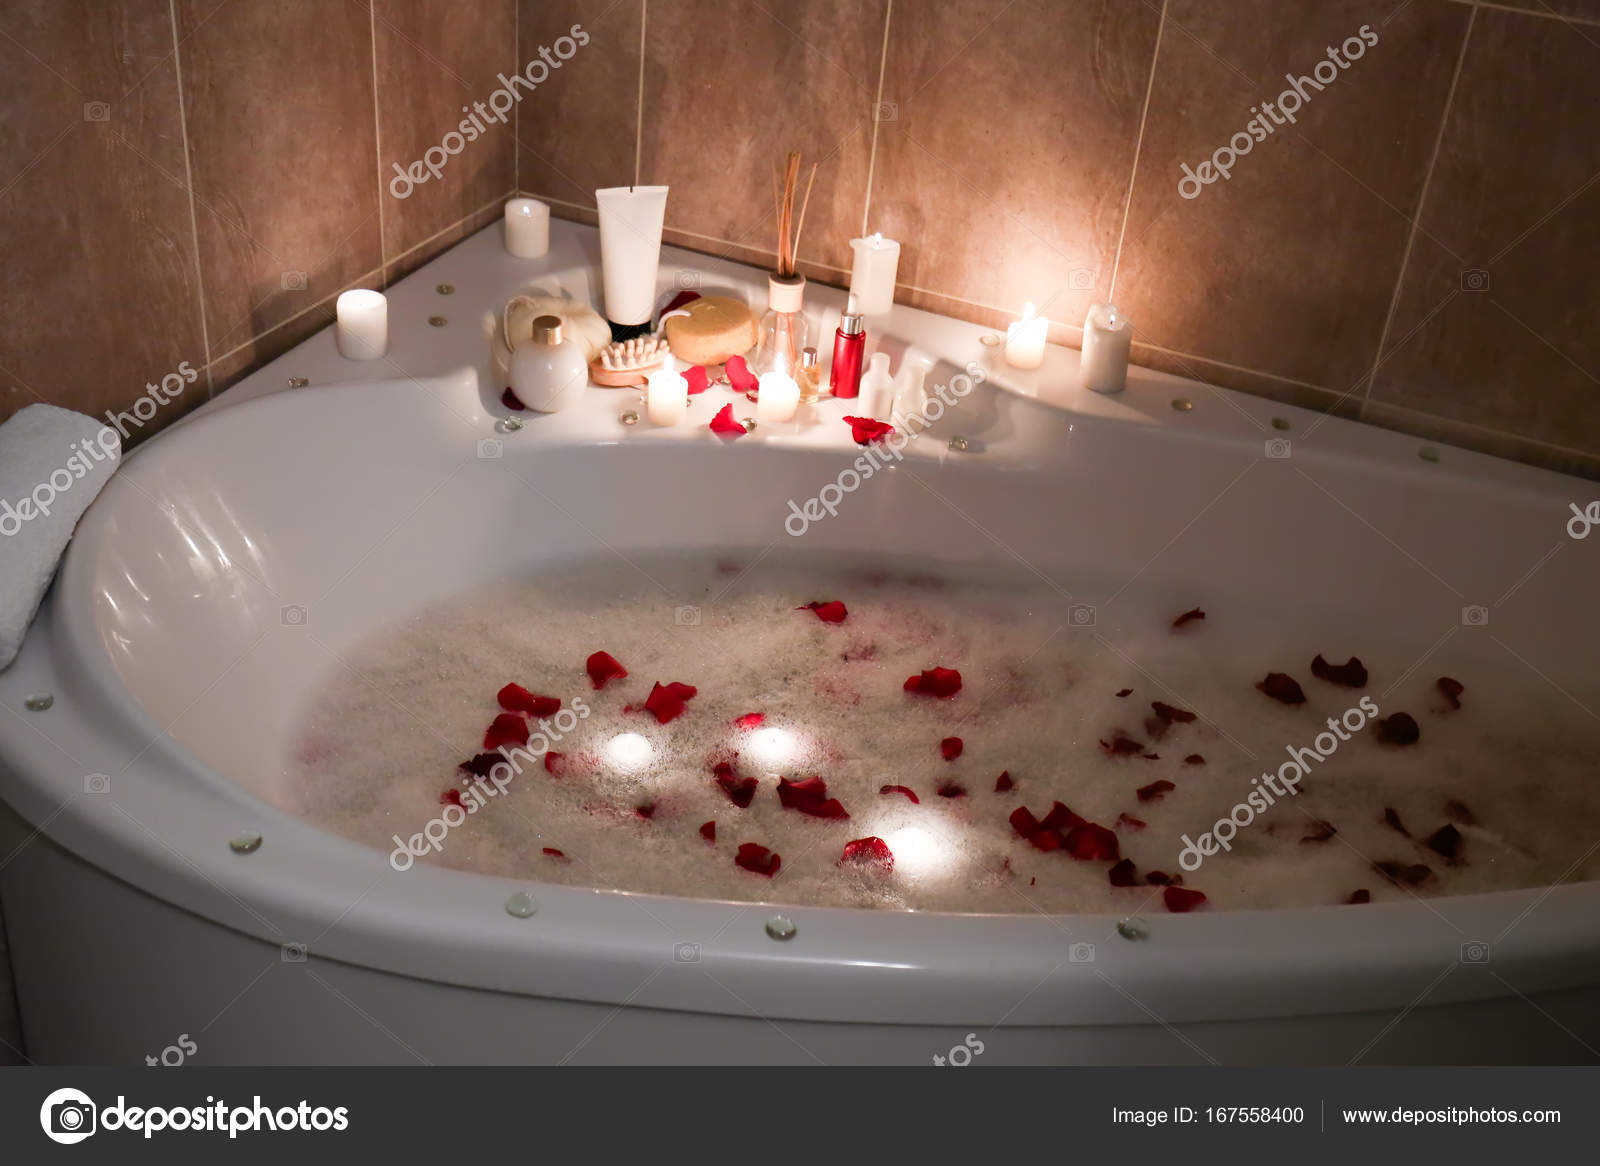 Vasca Da Bagno Romantica : Vasca da bagno con schiuma e petali di rosa u foto stock